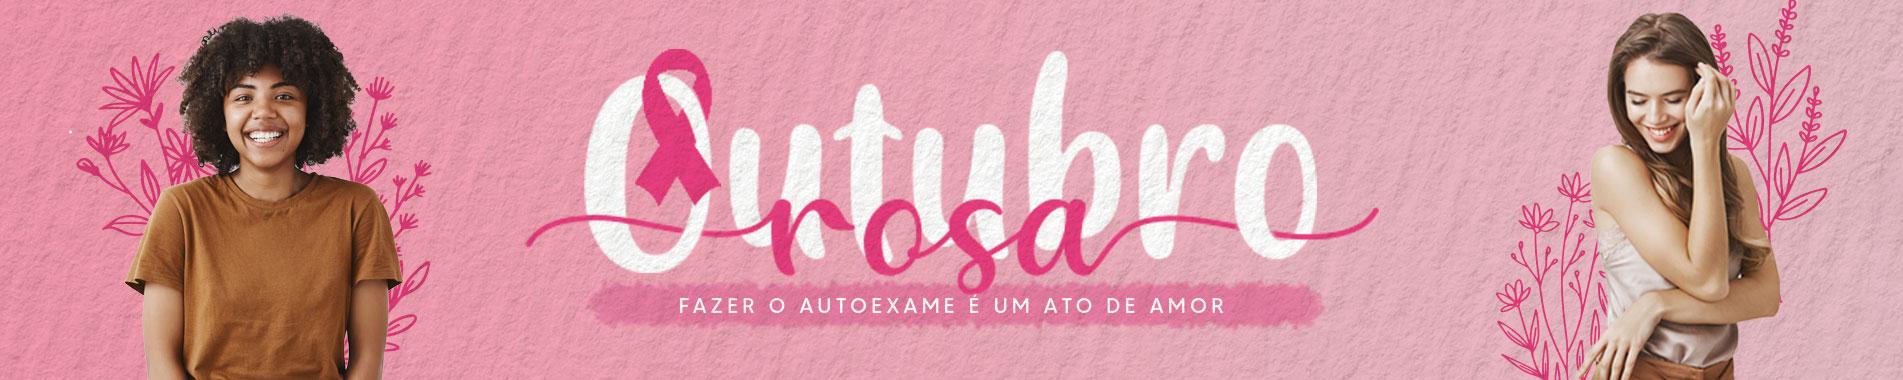 OUTUBRO ROSA: Pela prevenção ao Câncer de Mama